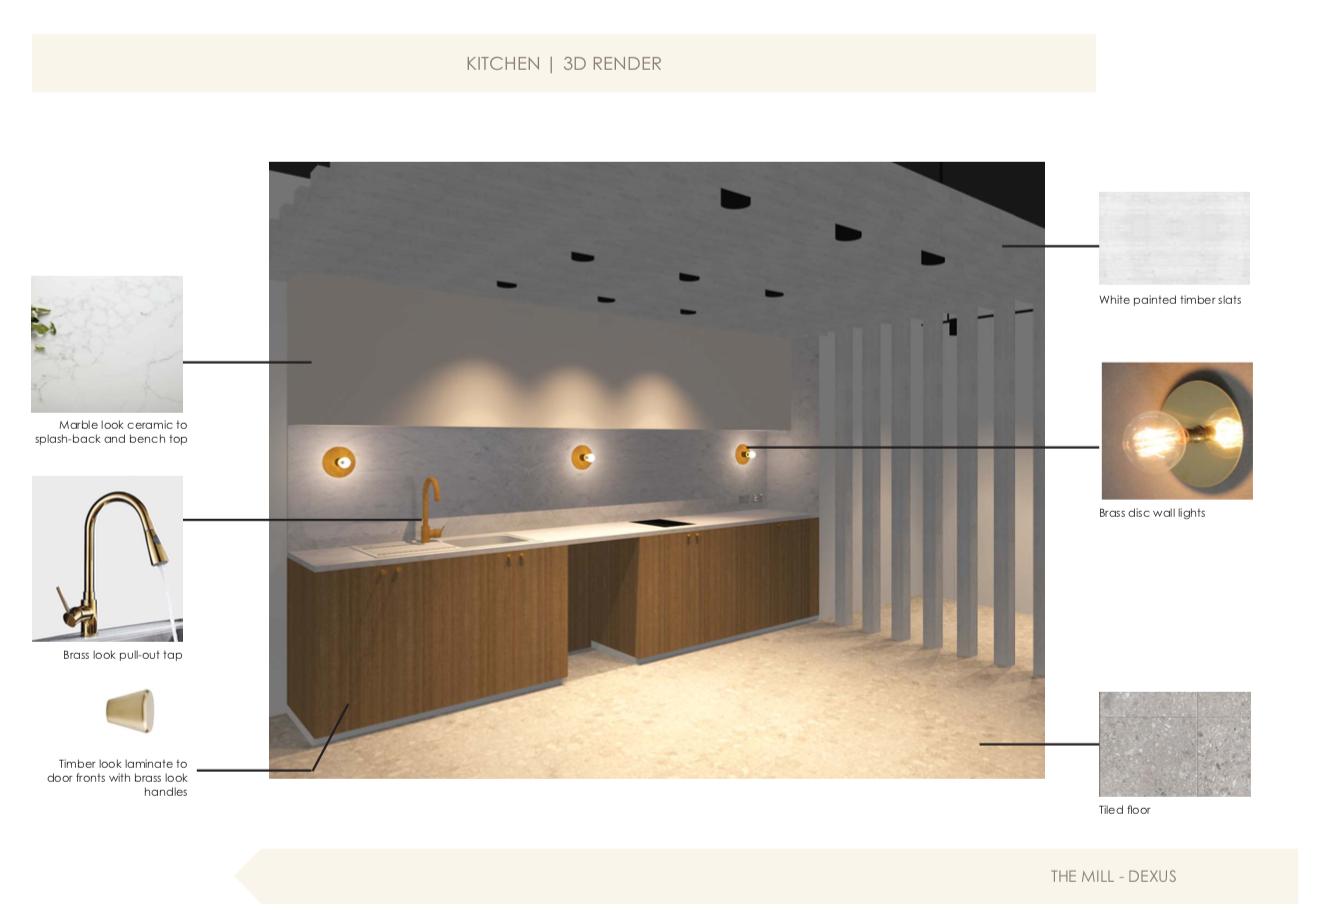 Office interior design kitchen 3d render